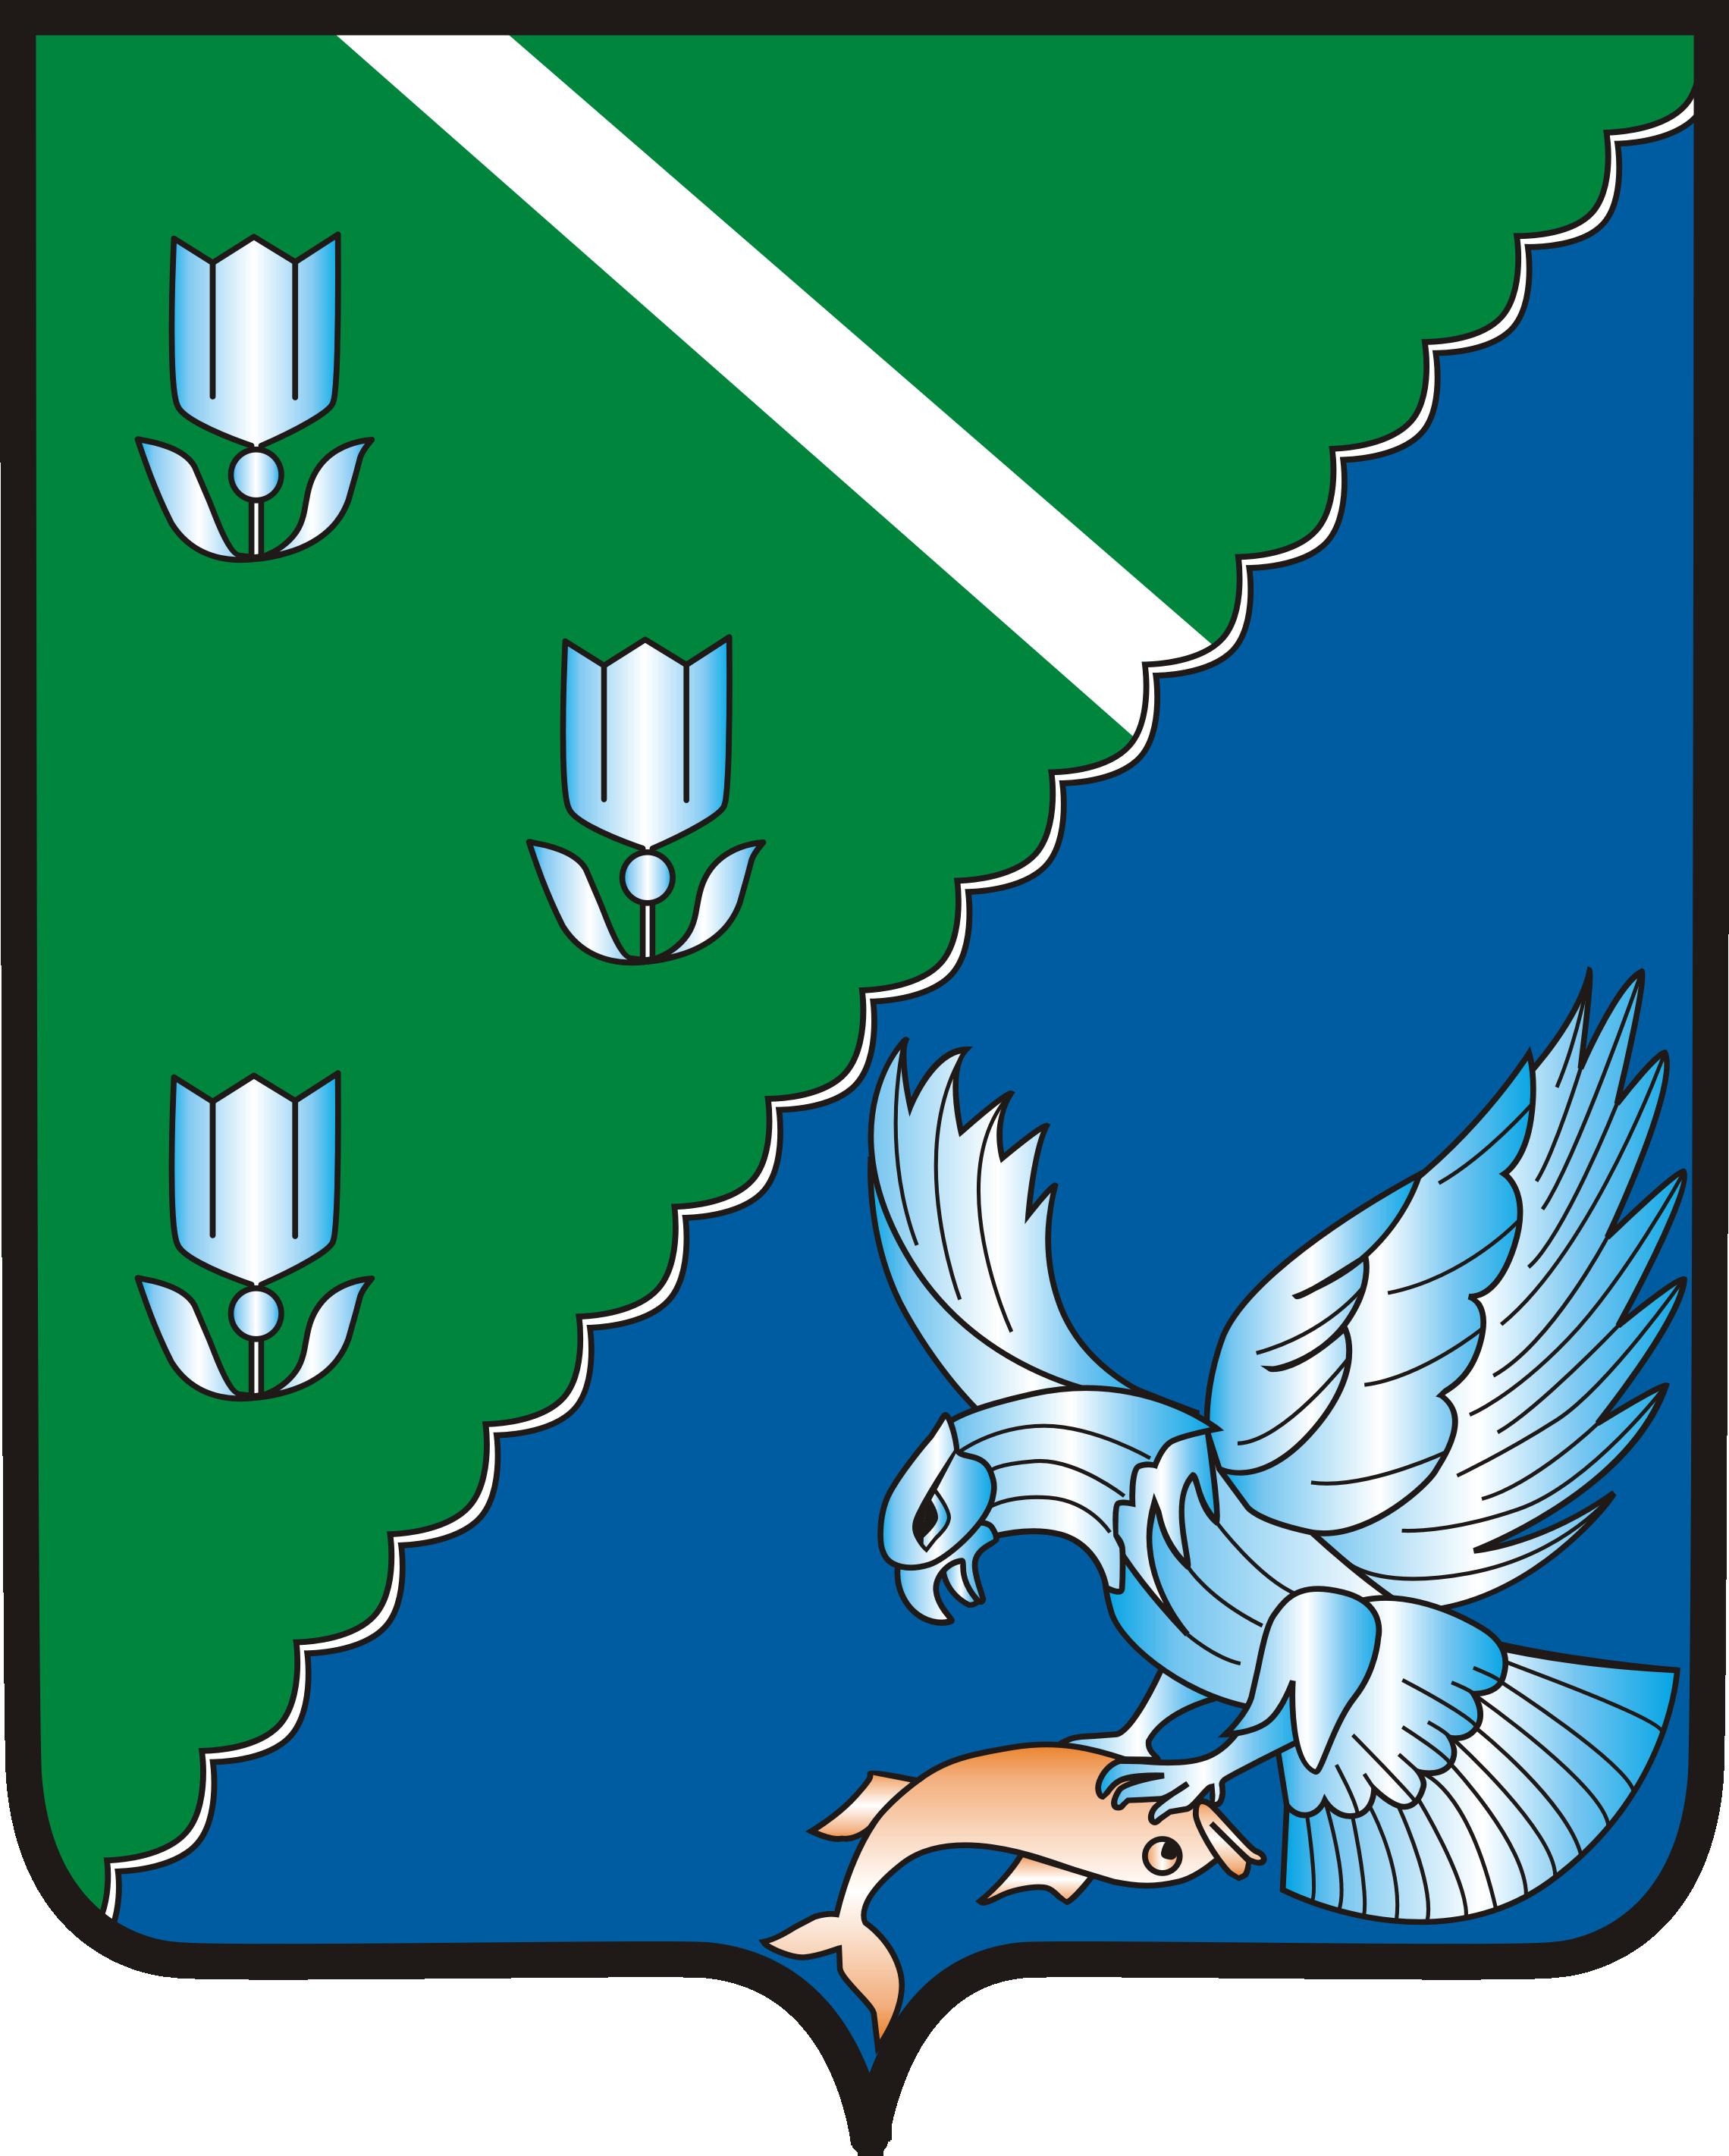 герб Долинского городского округа